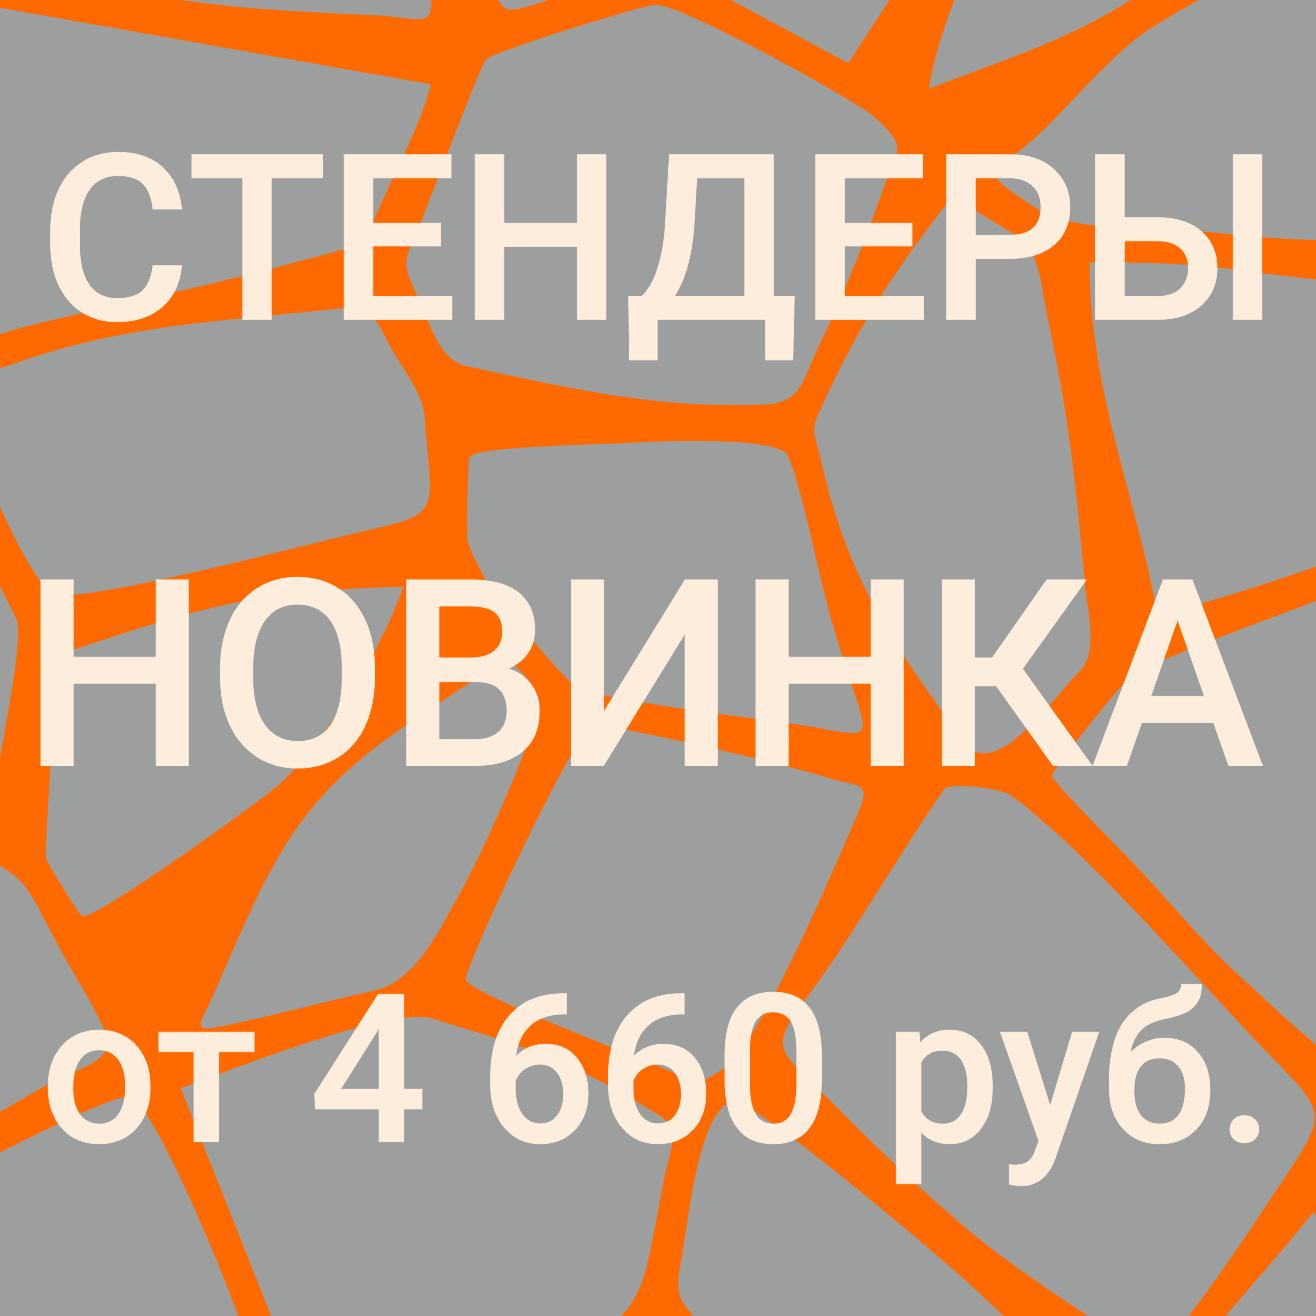 Новый товар, стендеры от 4600 руб.